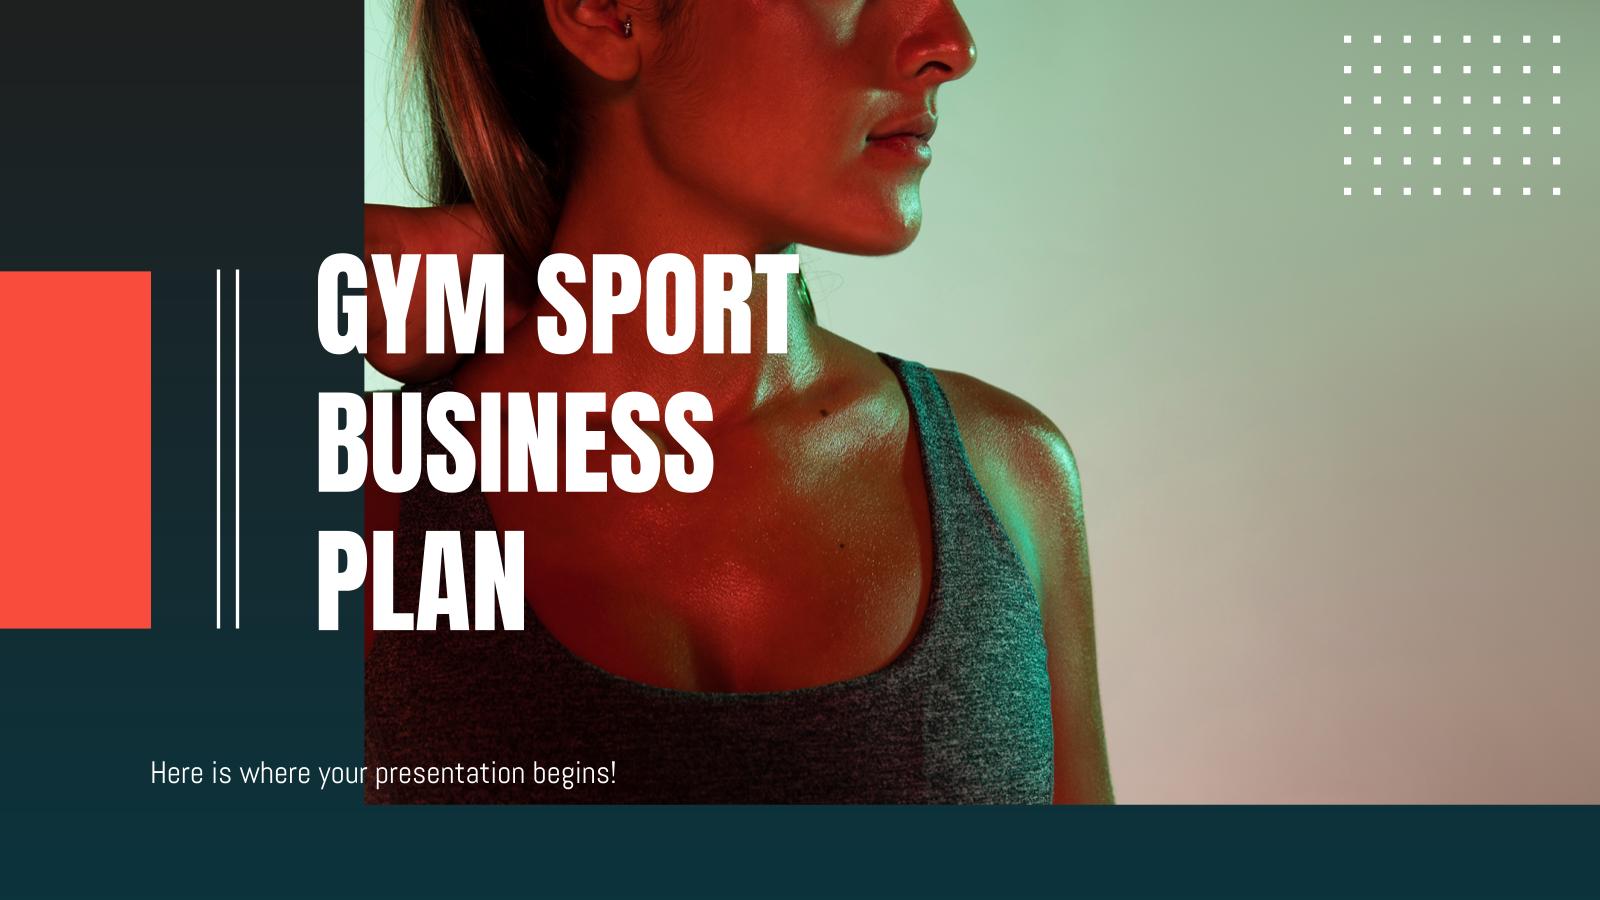 Business Plan pour gymnase : Modèles de présentation